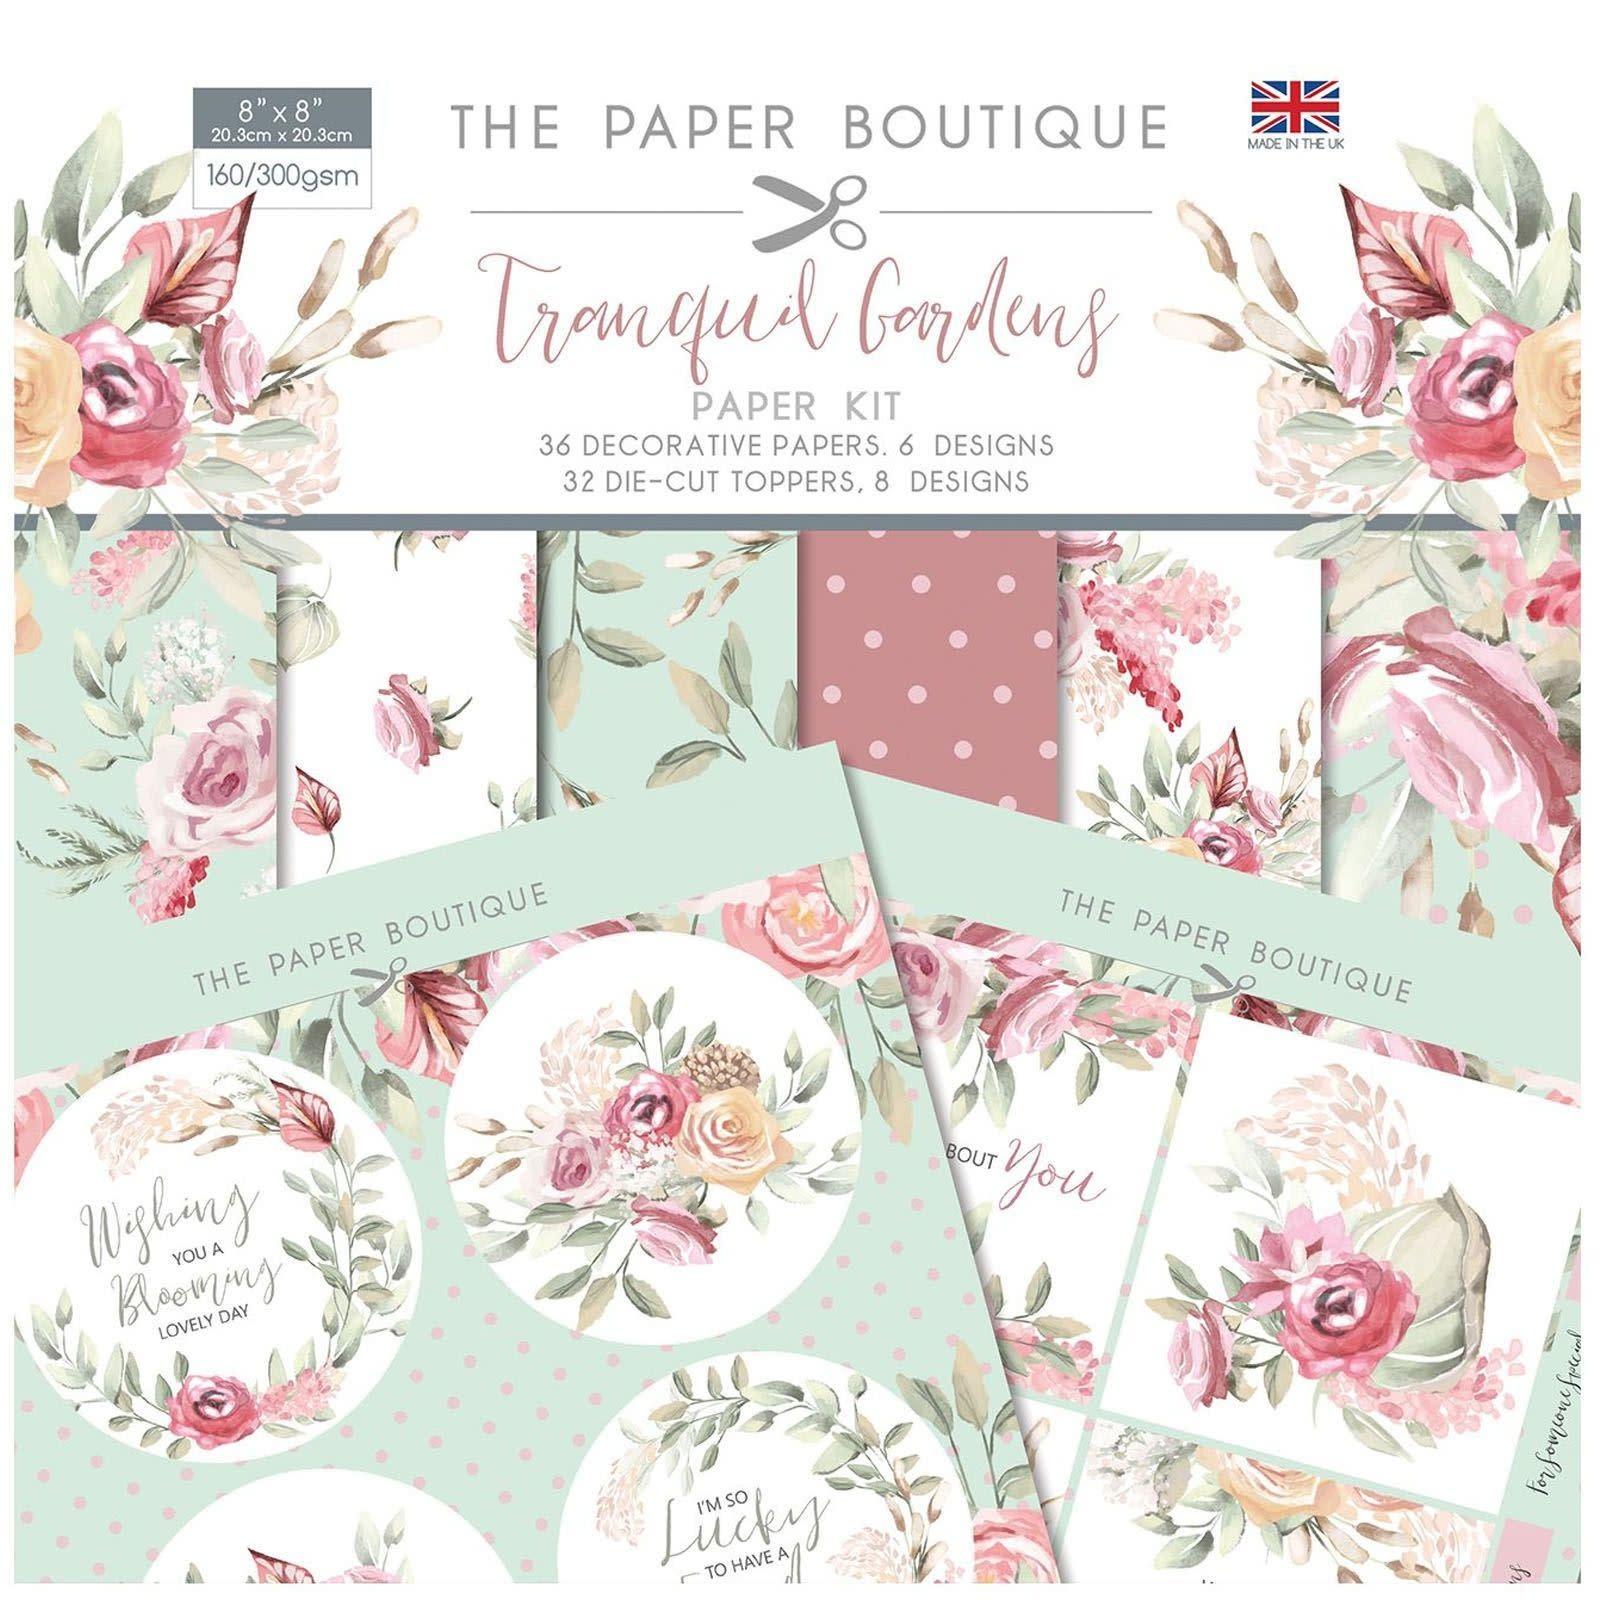 Paper boutique Paper Boutique • Tranquil gardens Paper kit